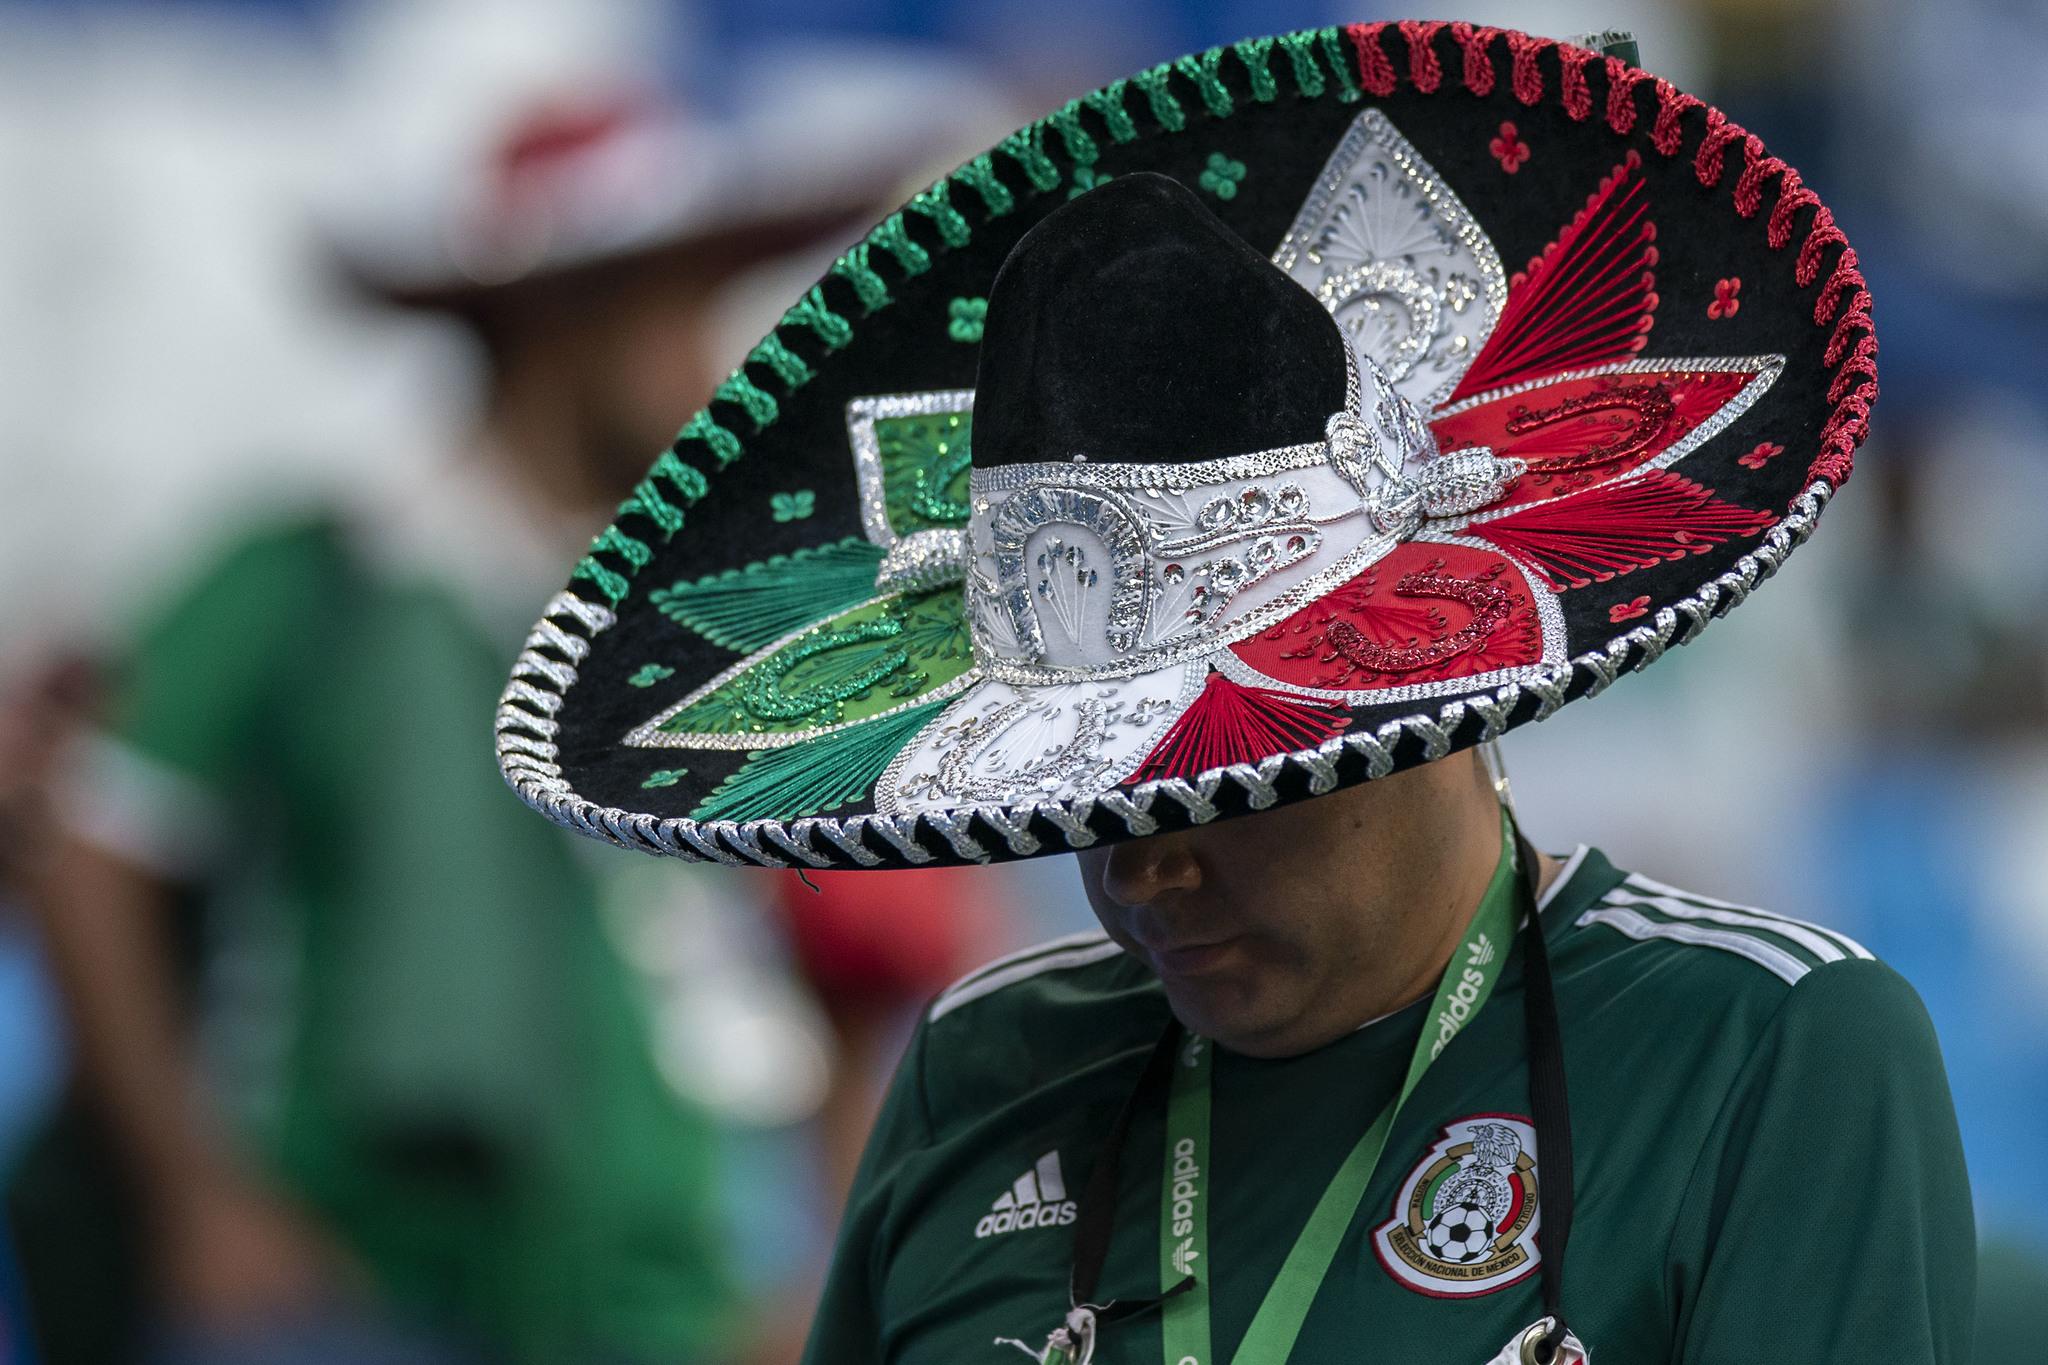 Mundial 2018 Rusia  Aficionados mexicanos dejan sombreros de ... 9e5313162a7